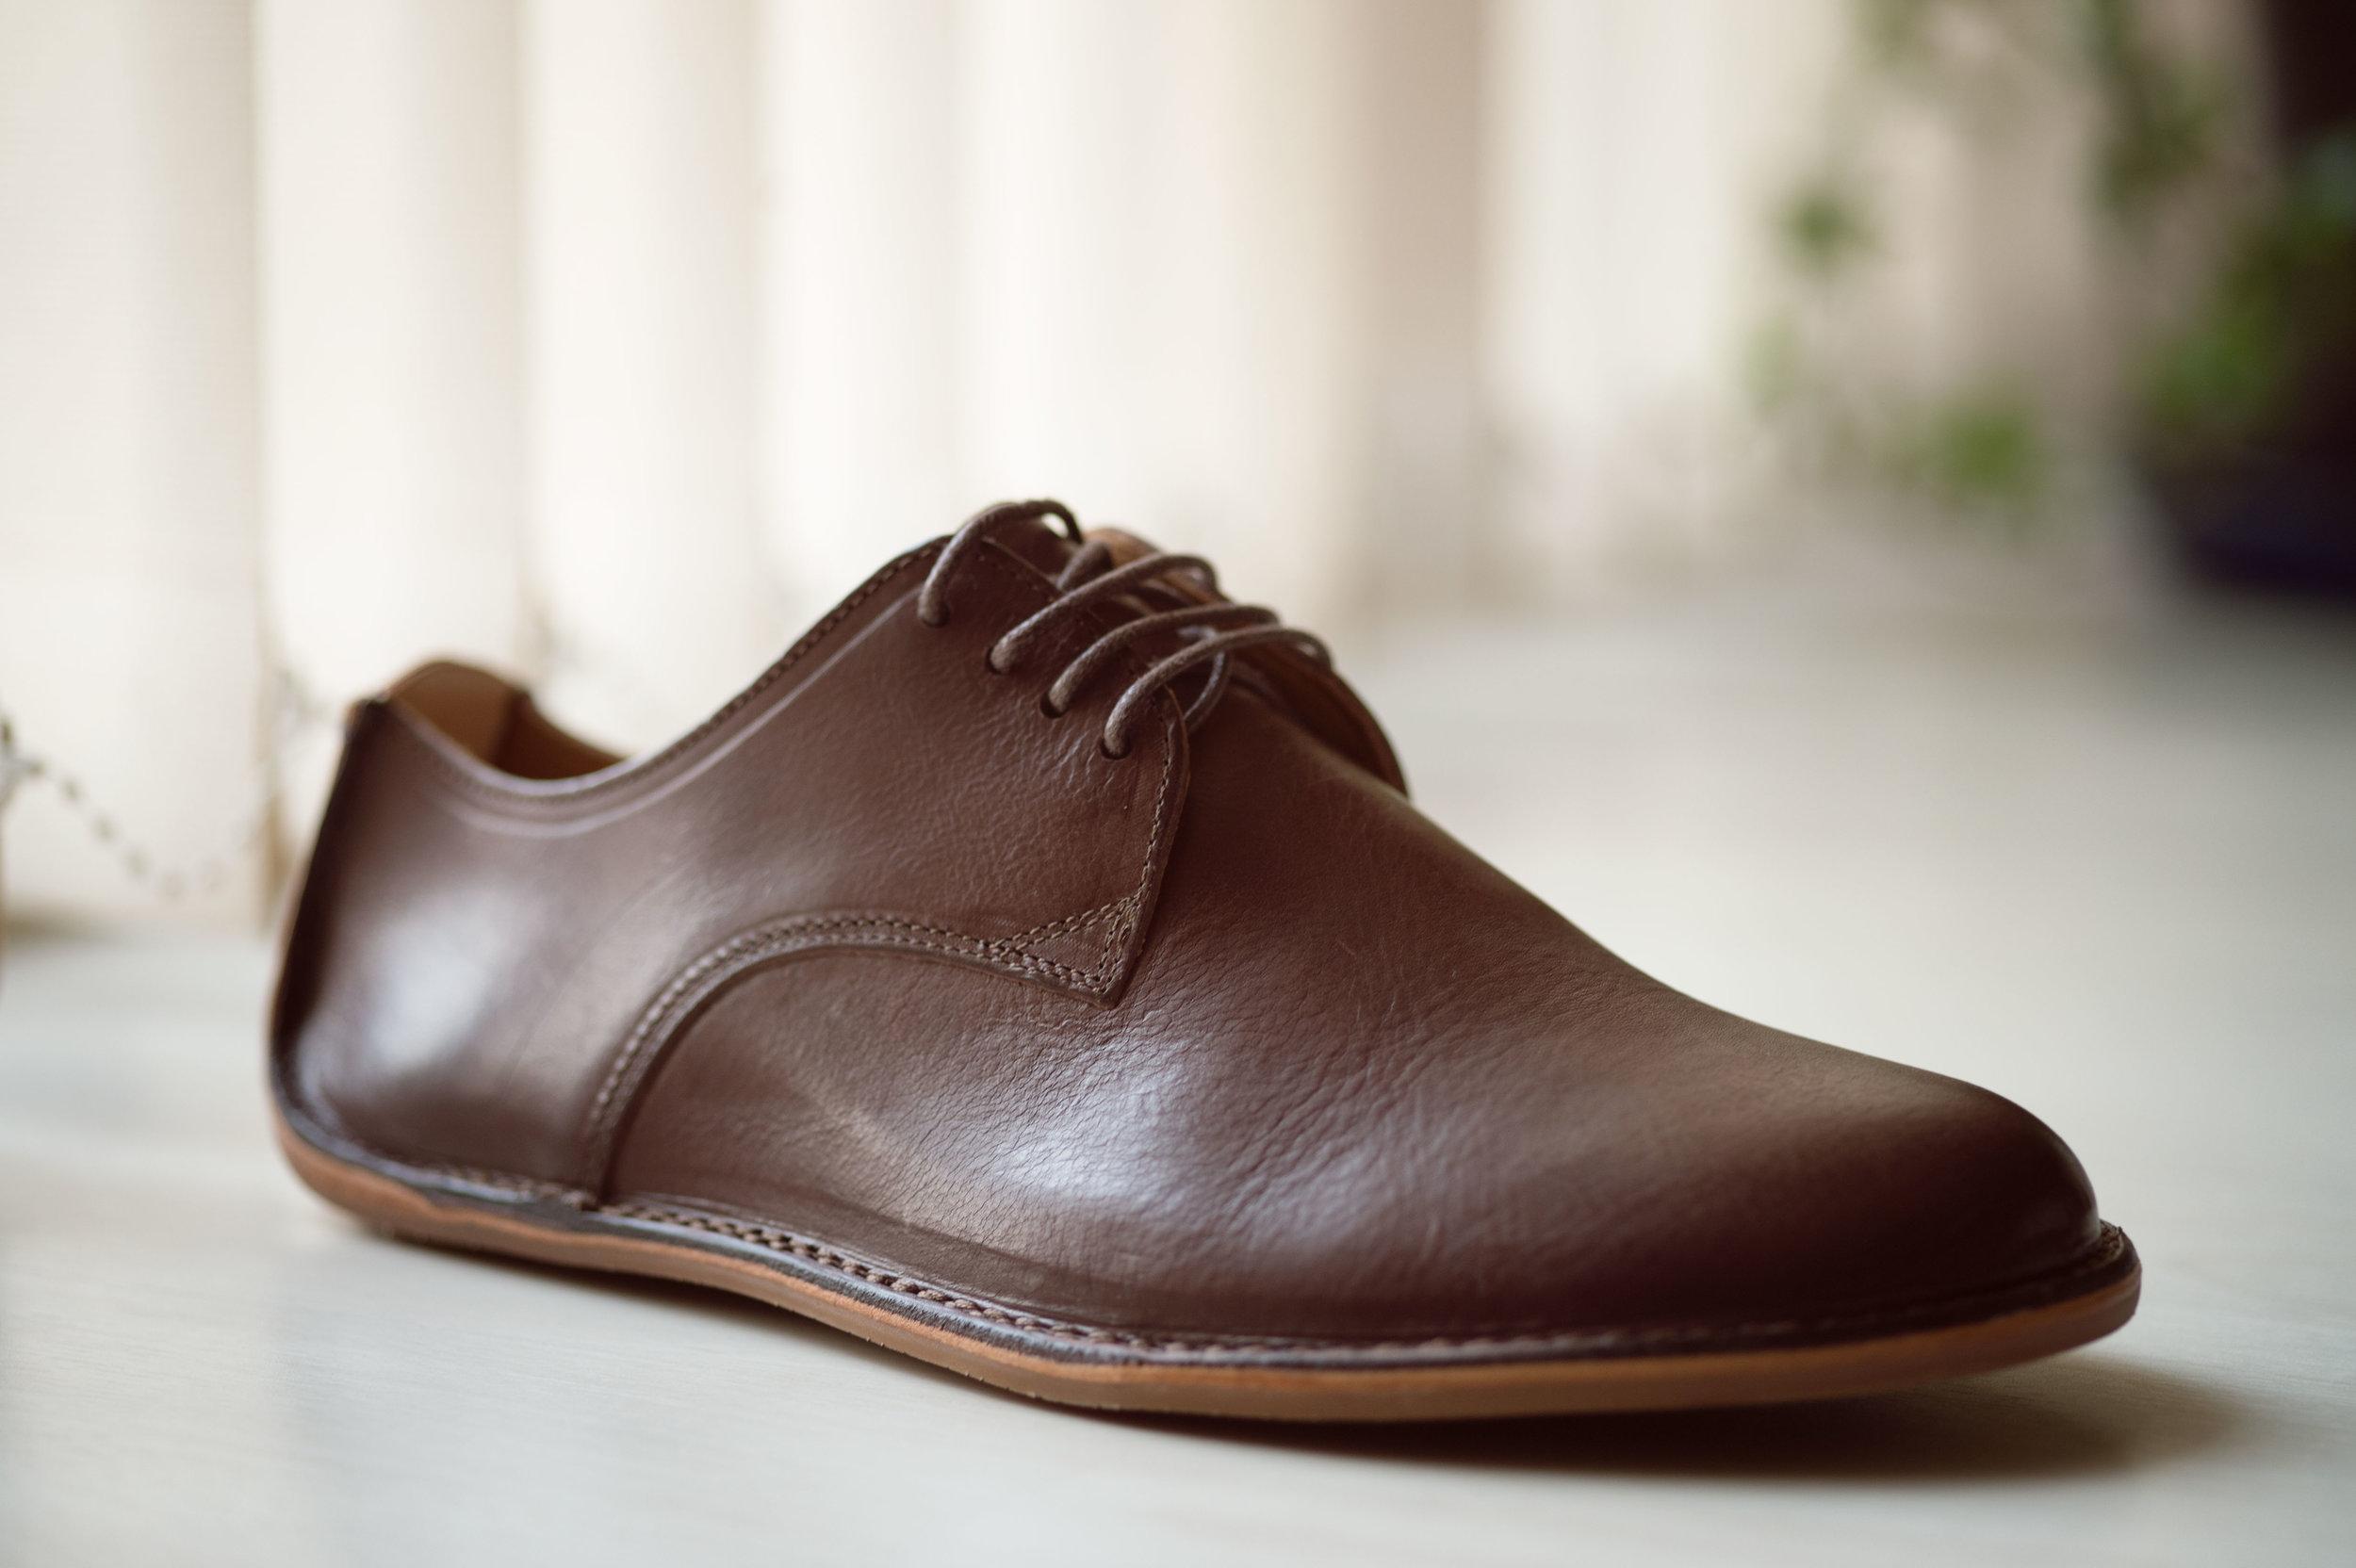 Barefoot_runner_office_shoes_thetrinerd_aniko_towers_photo-12.jpg